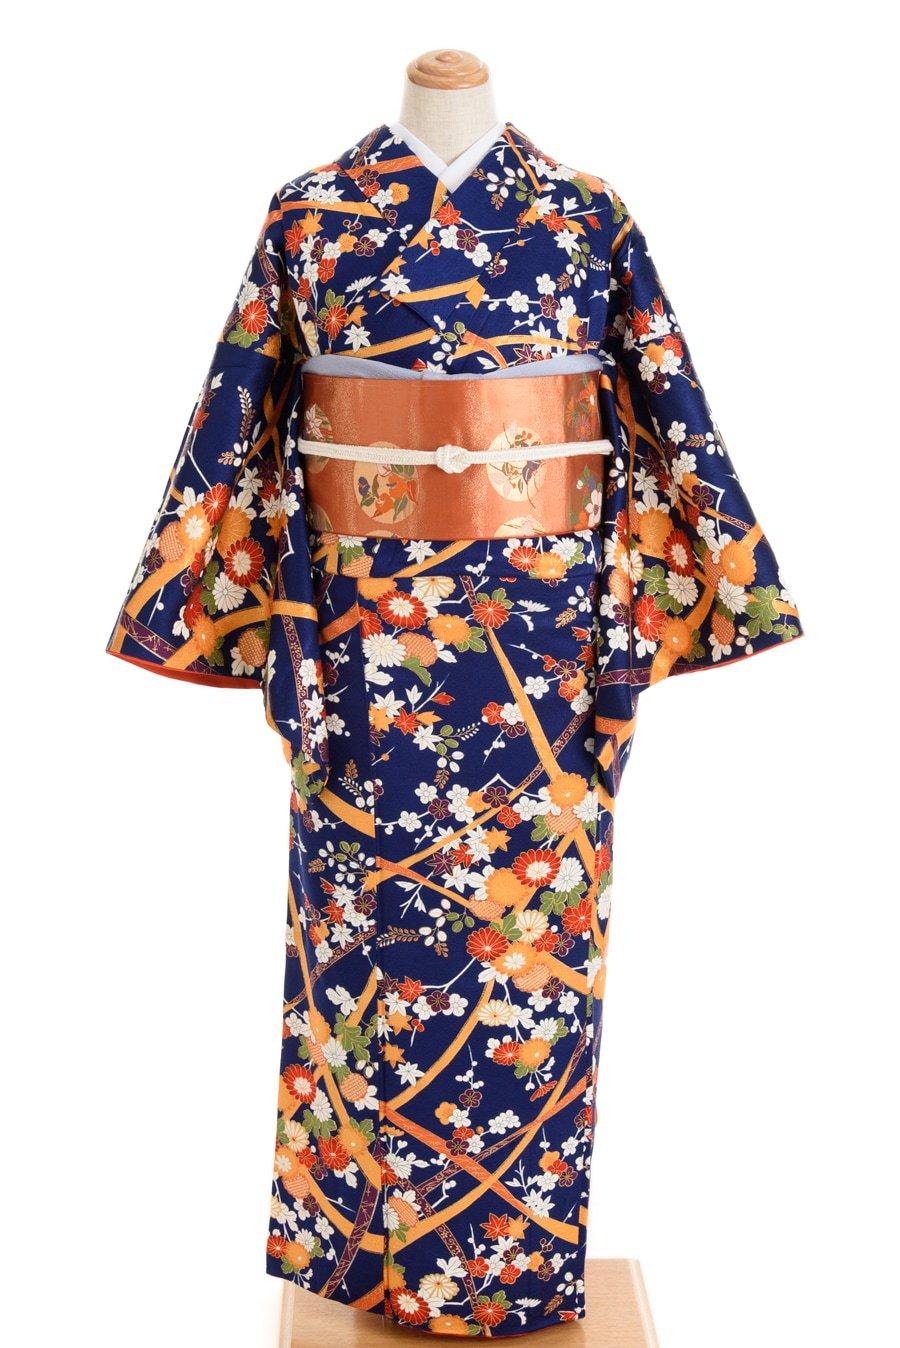 「紺地 色鮮やかな菊・梅・紅葉」の商品画像